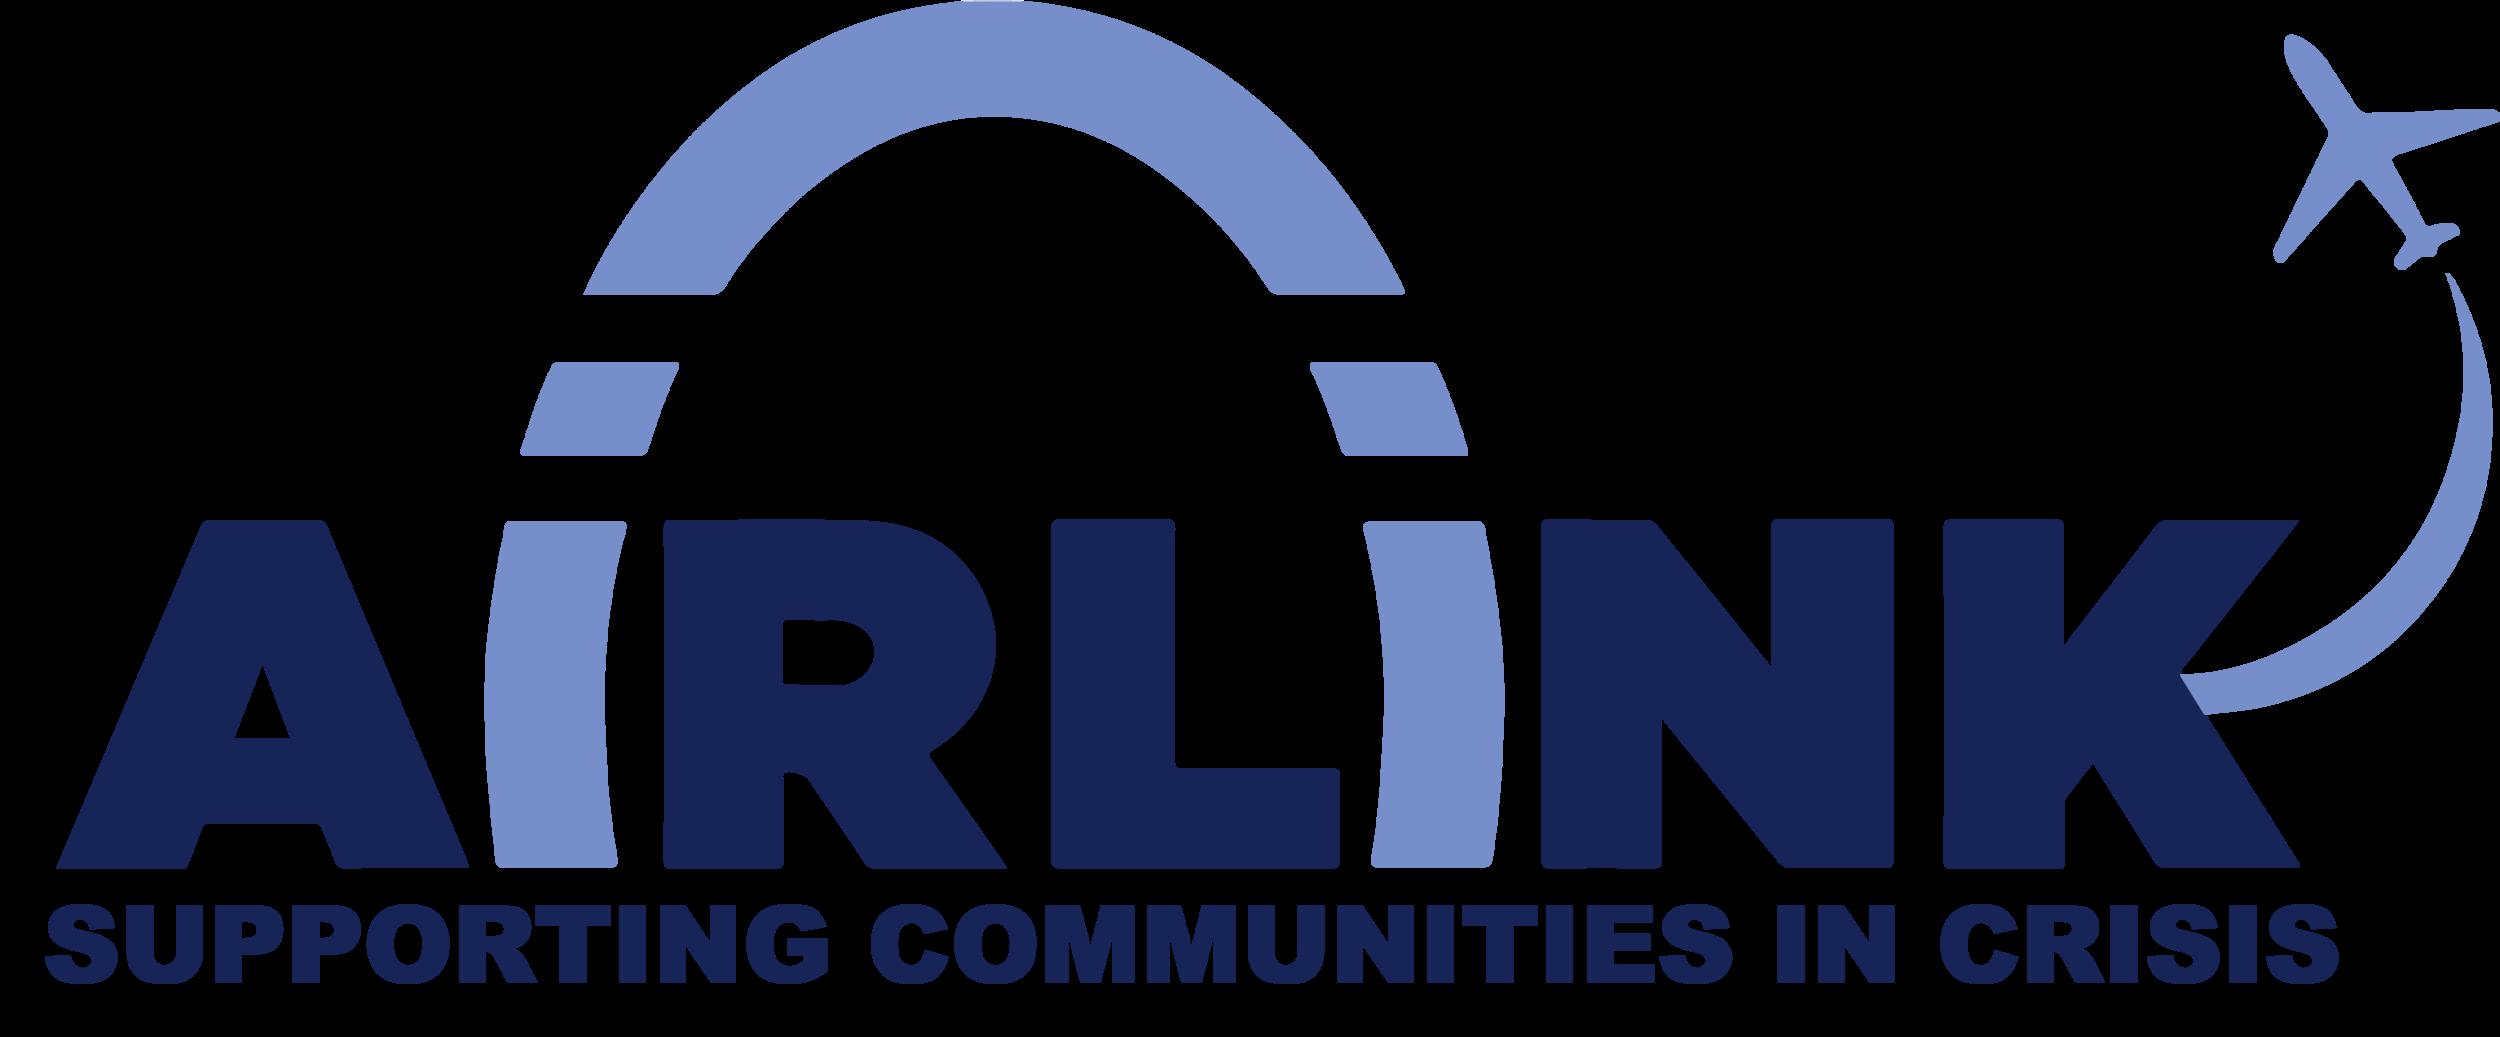 Airlink logo tagline 2019.png